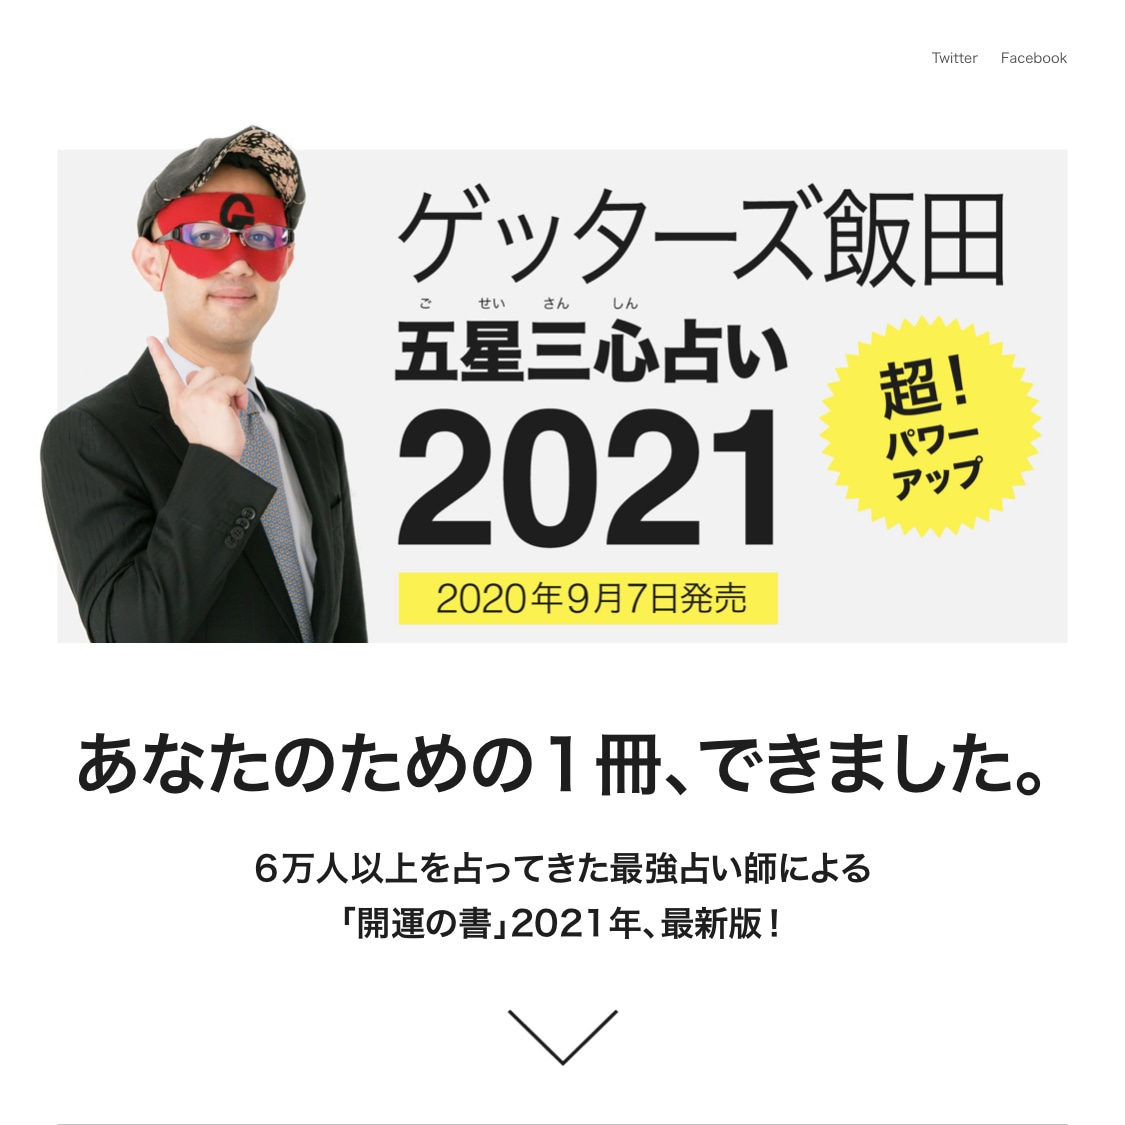 2021 ゲッターズ 飯田 ゲッターズ飯田の2021年の芸能人の占いまとめ!芸能界最強運は誰?